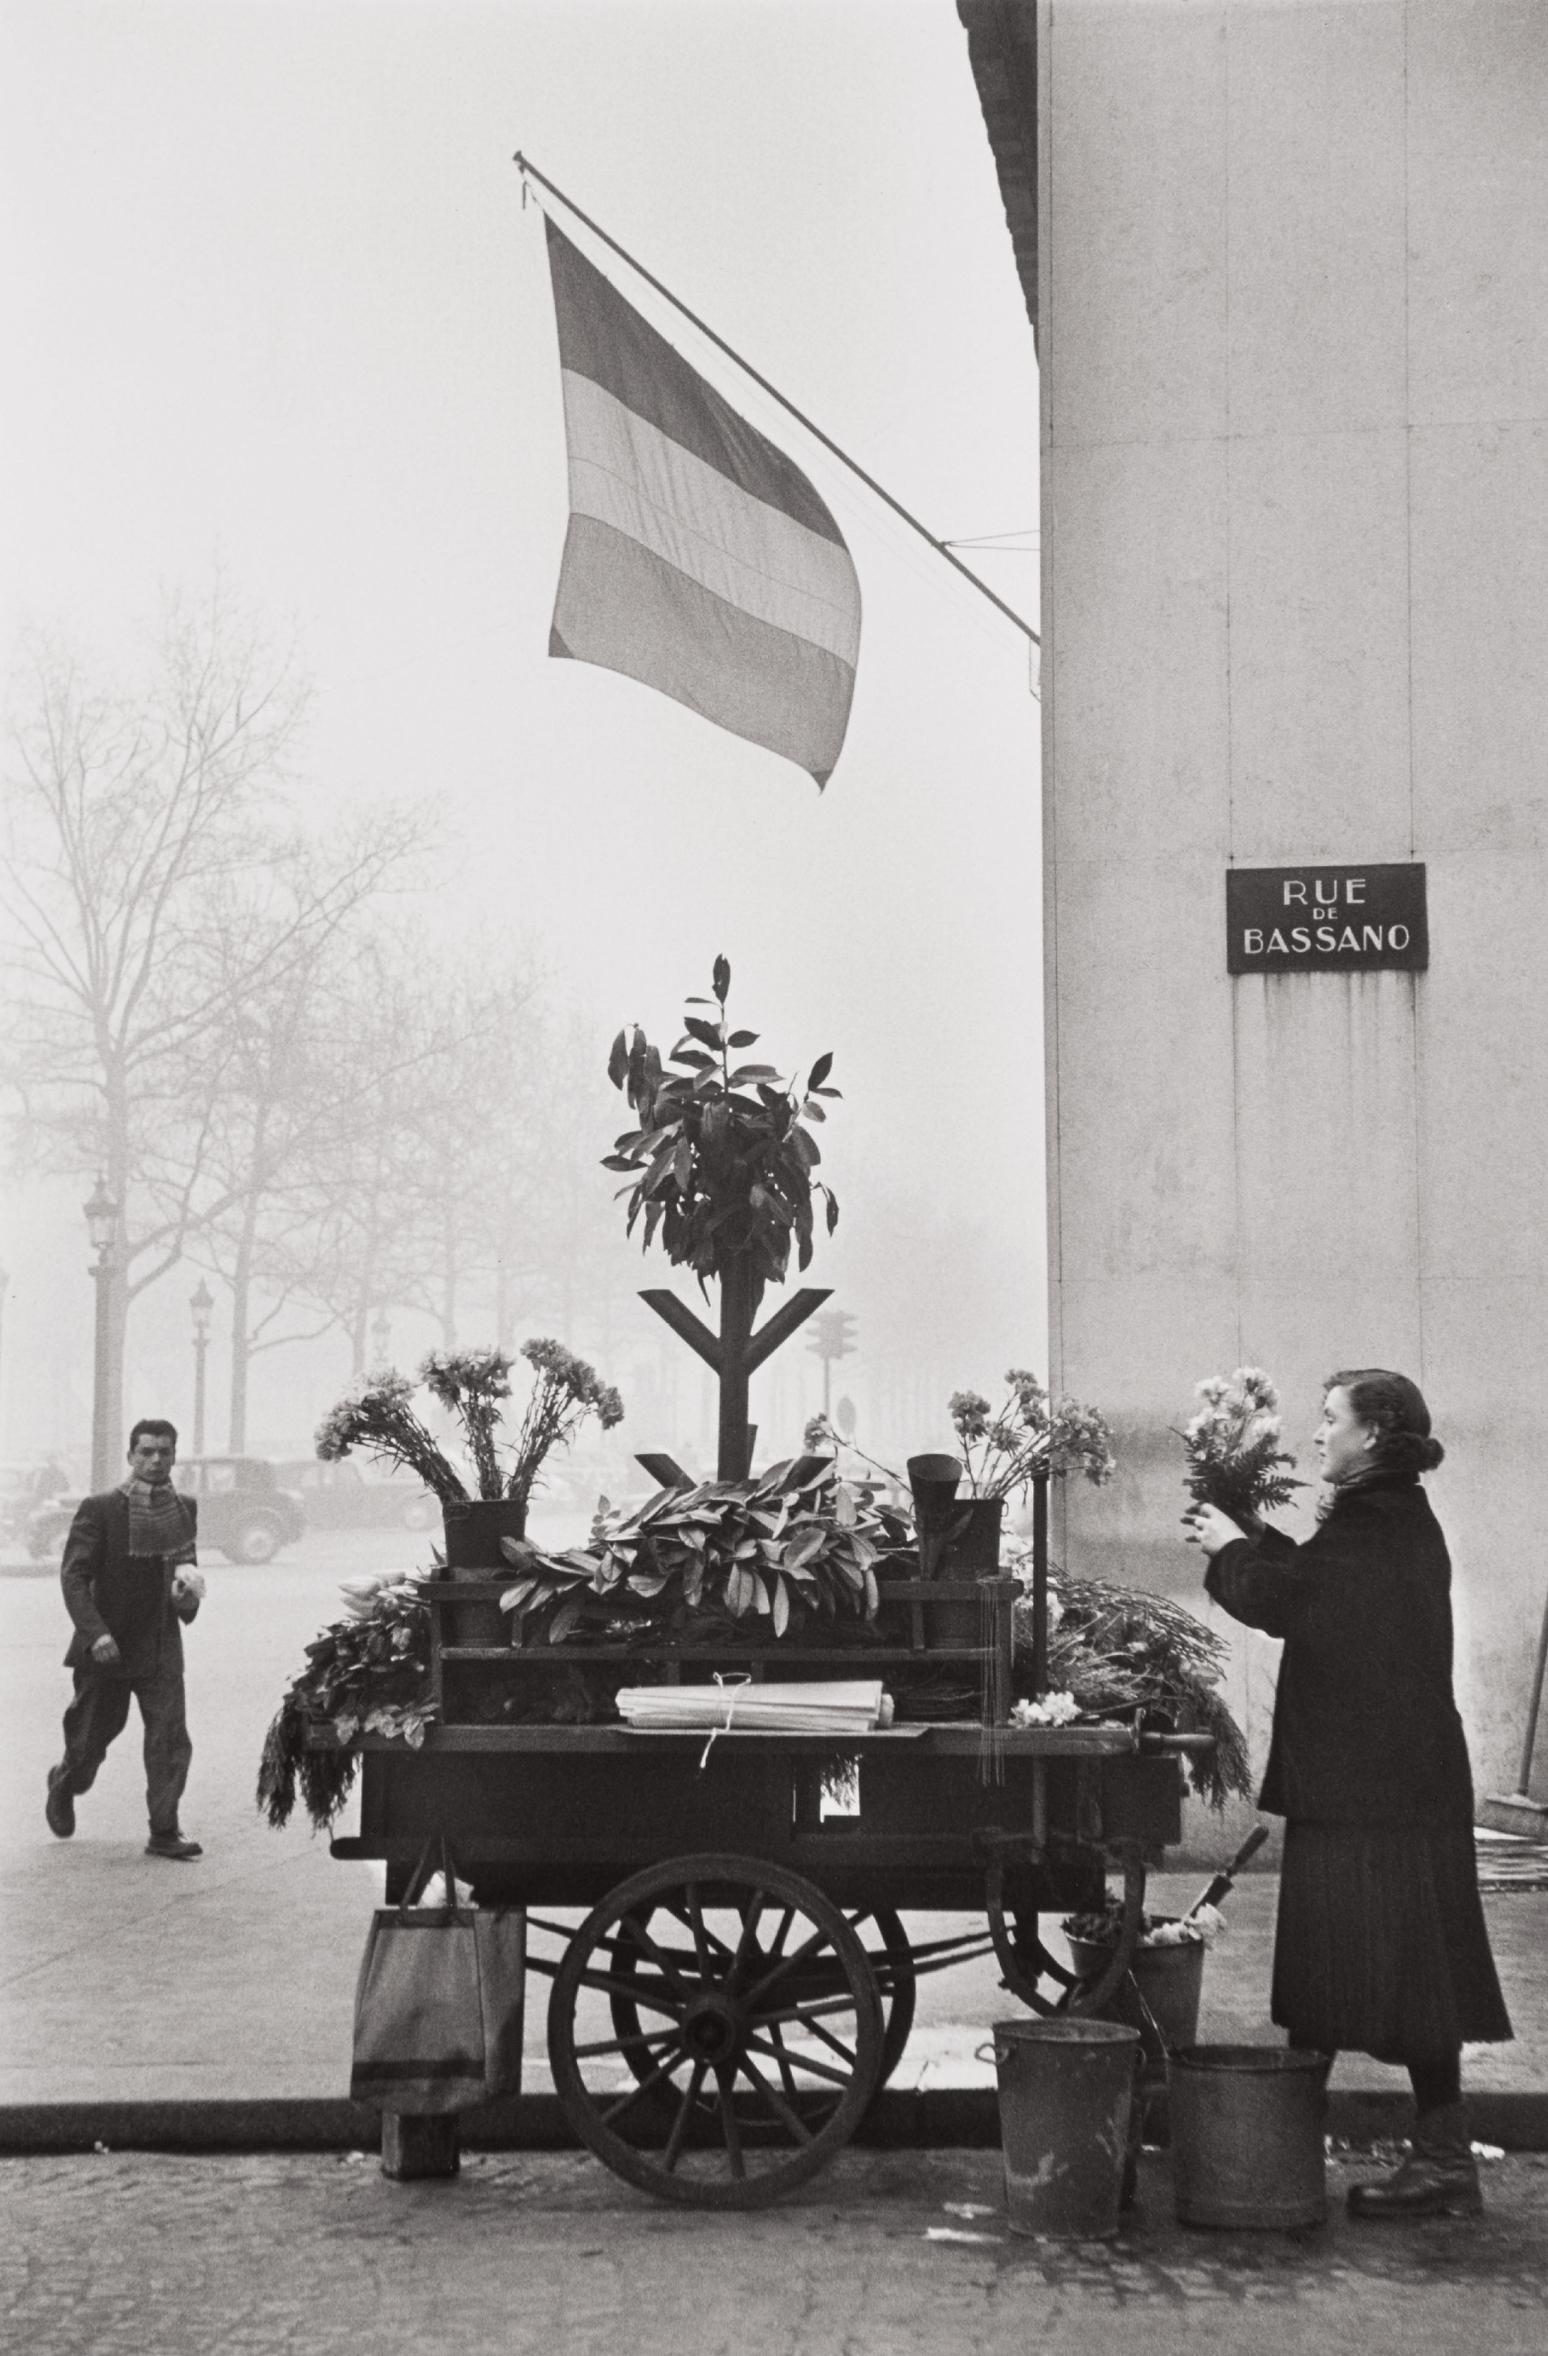 Henri Cartier-Bresson-Rue De Bassano, 8Th Arrondissement, Paris-1953